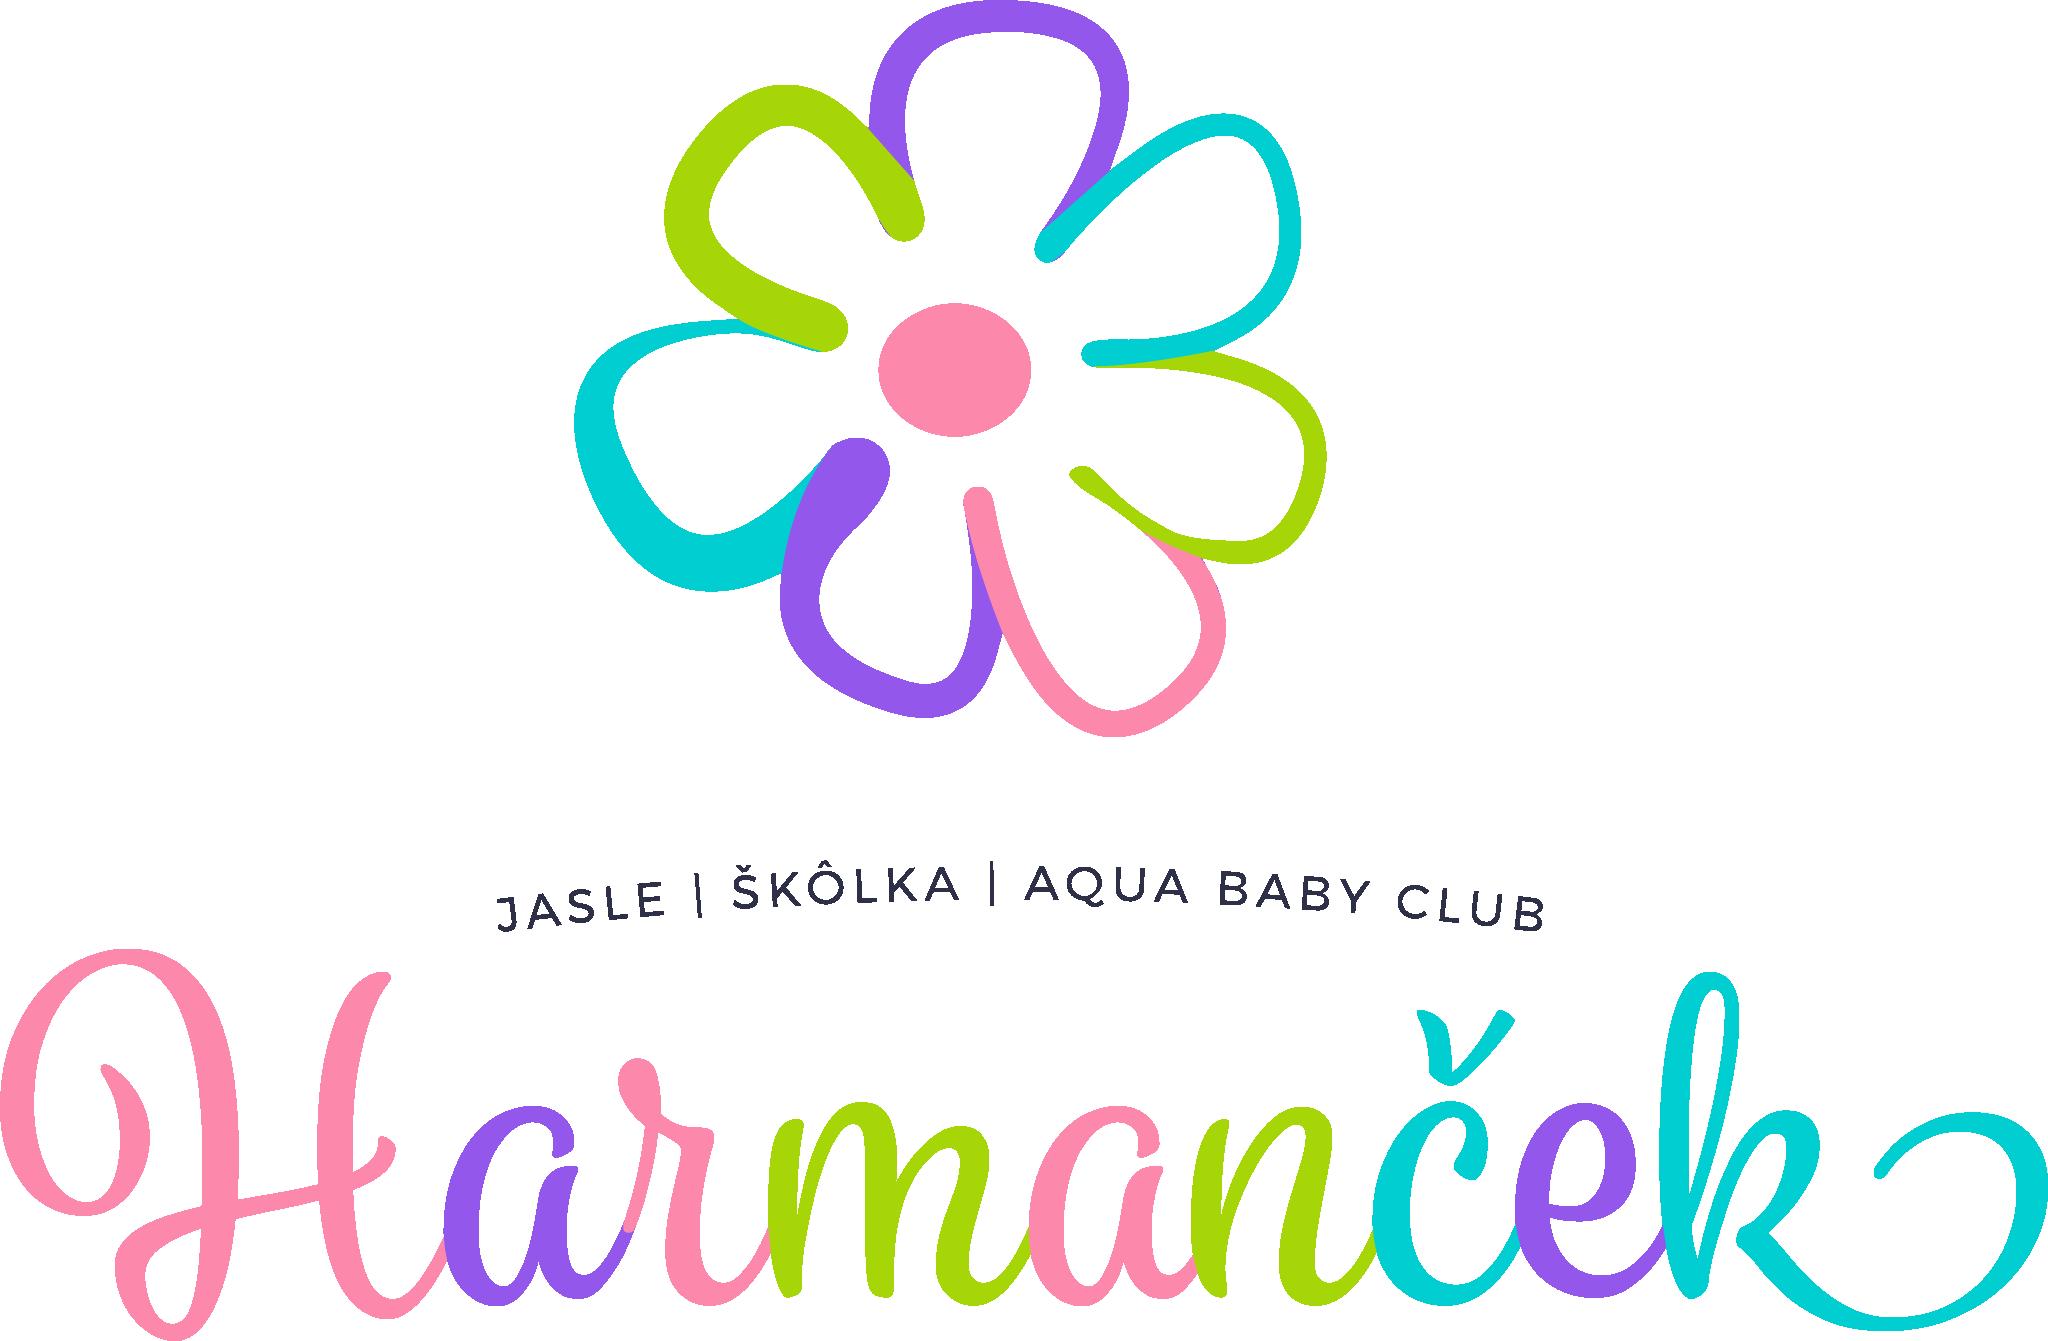 Harmancek Jasle Skolka Aqua Baby Club